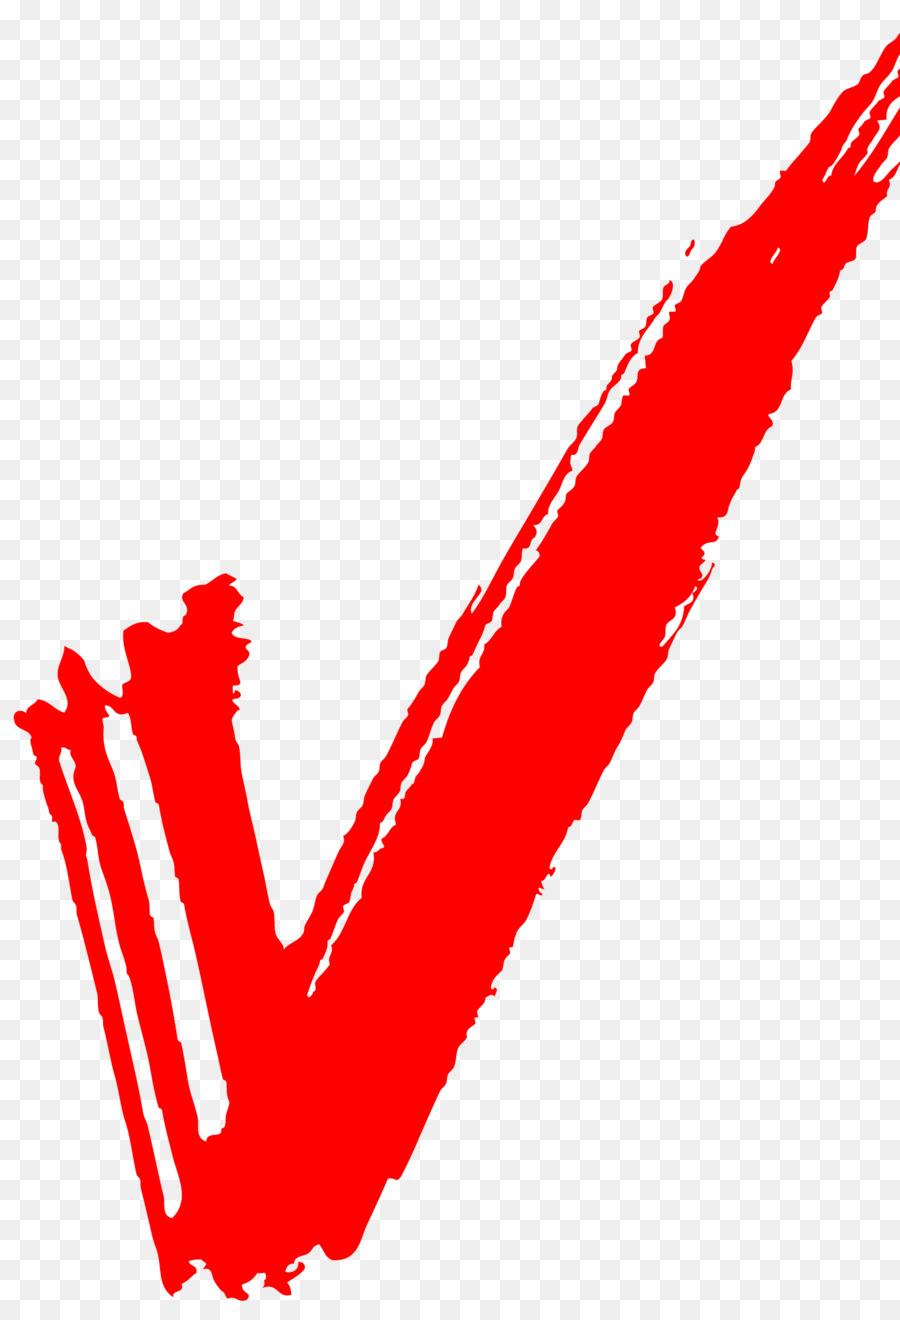 tanda centang merah x menandai gambar png tanda centang merah x menandai gambar png